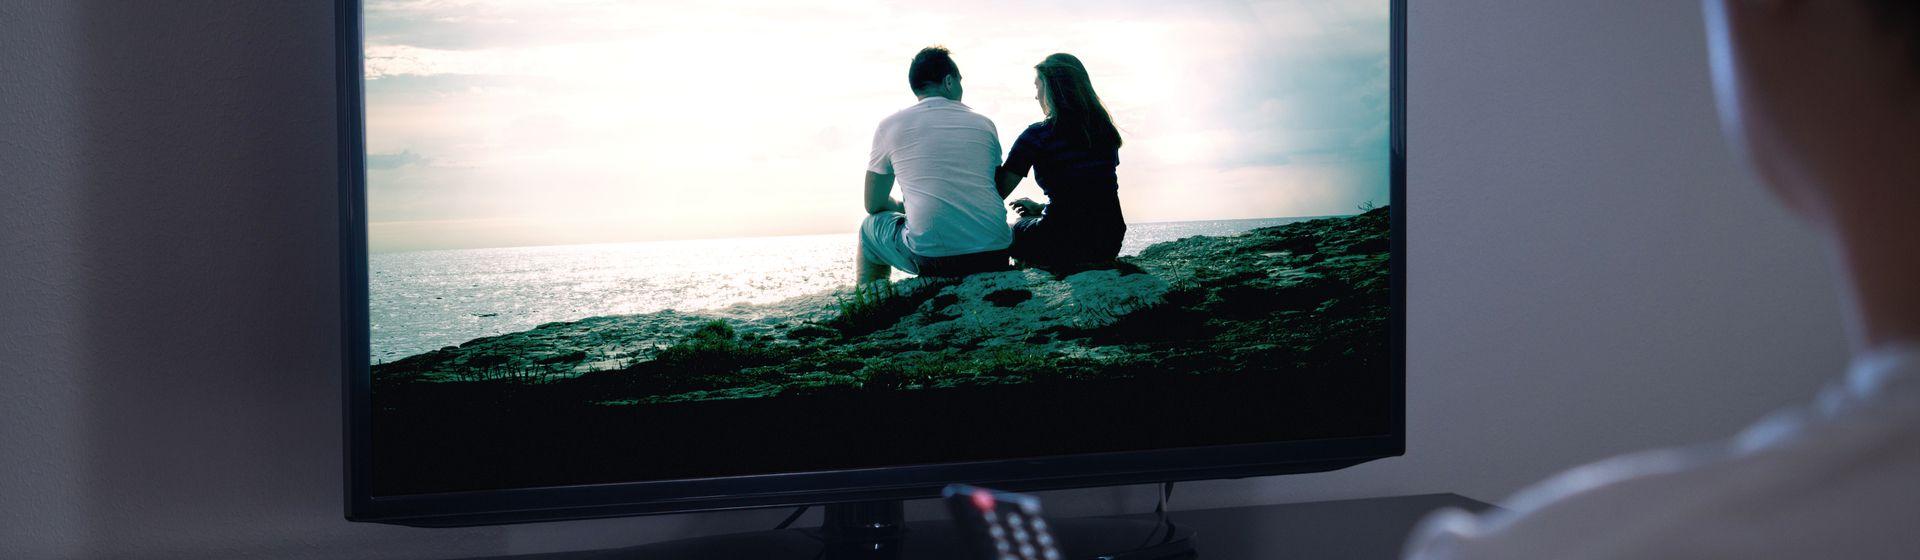 Melhor TV 43 polegadas em 2021: veja a lista